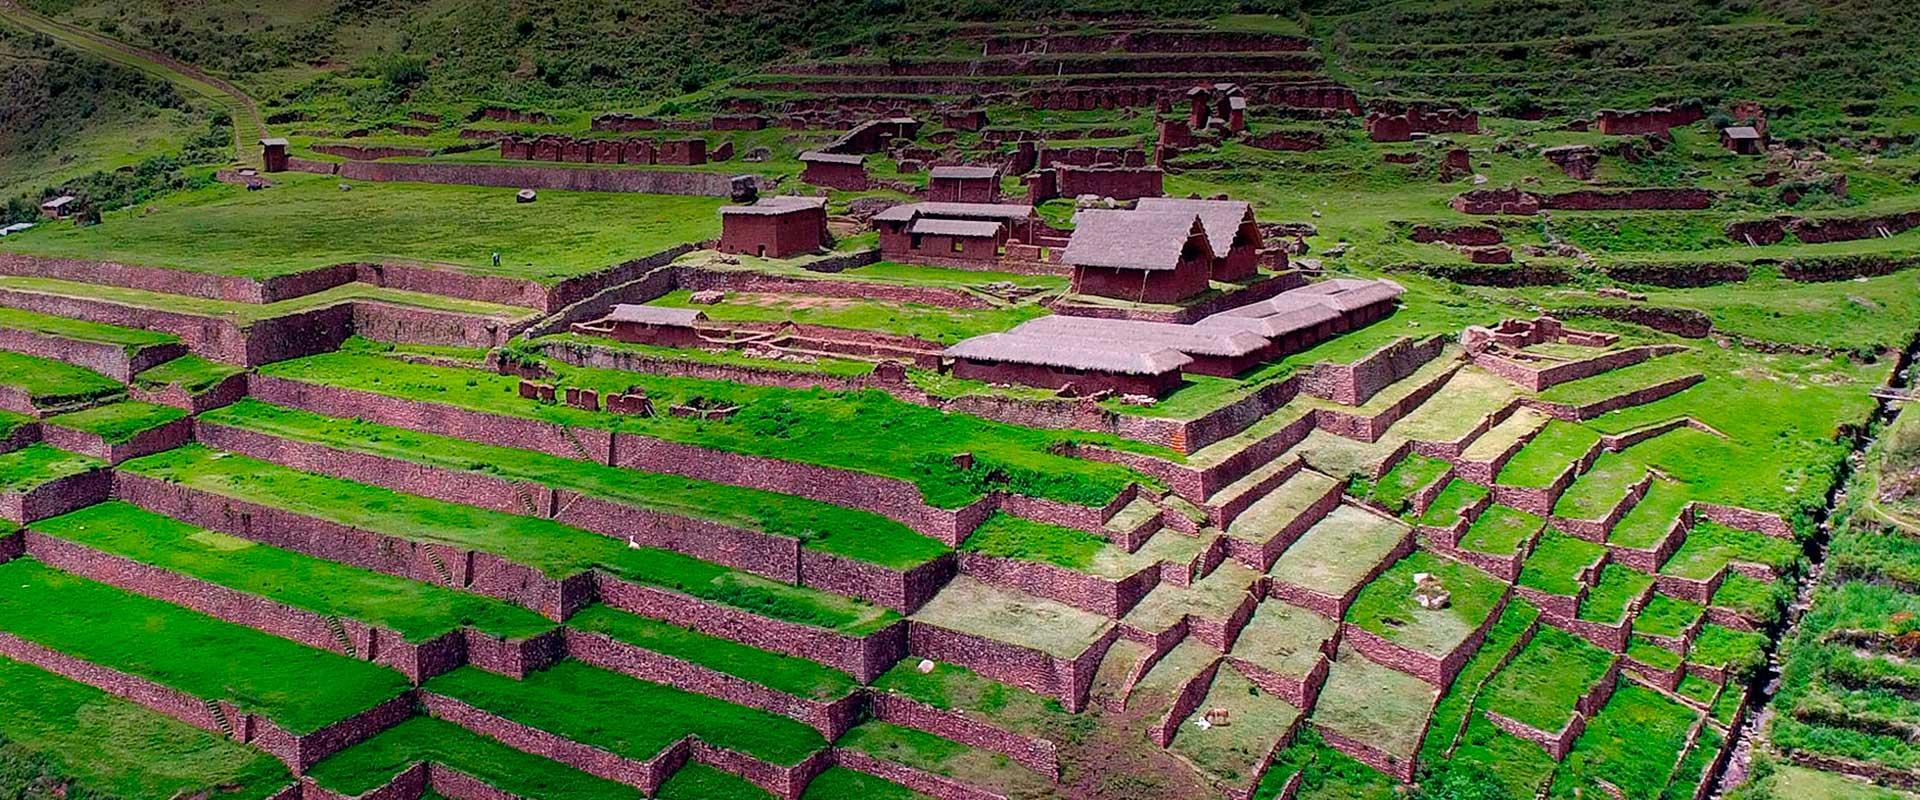 Huchuy Qosqo Trek & Machu Picchu